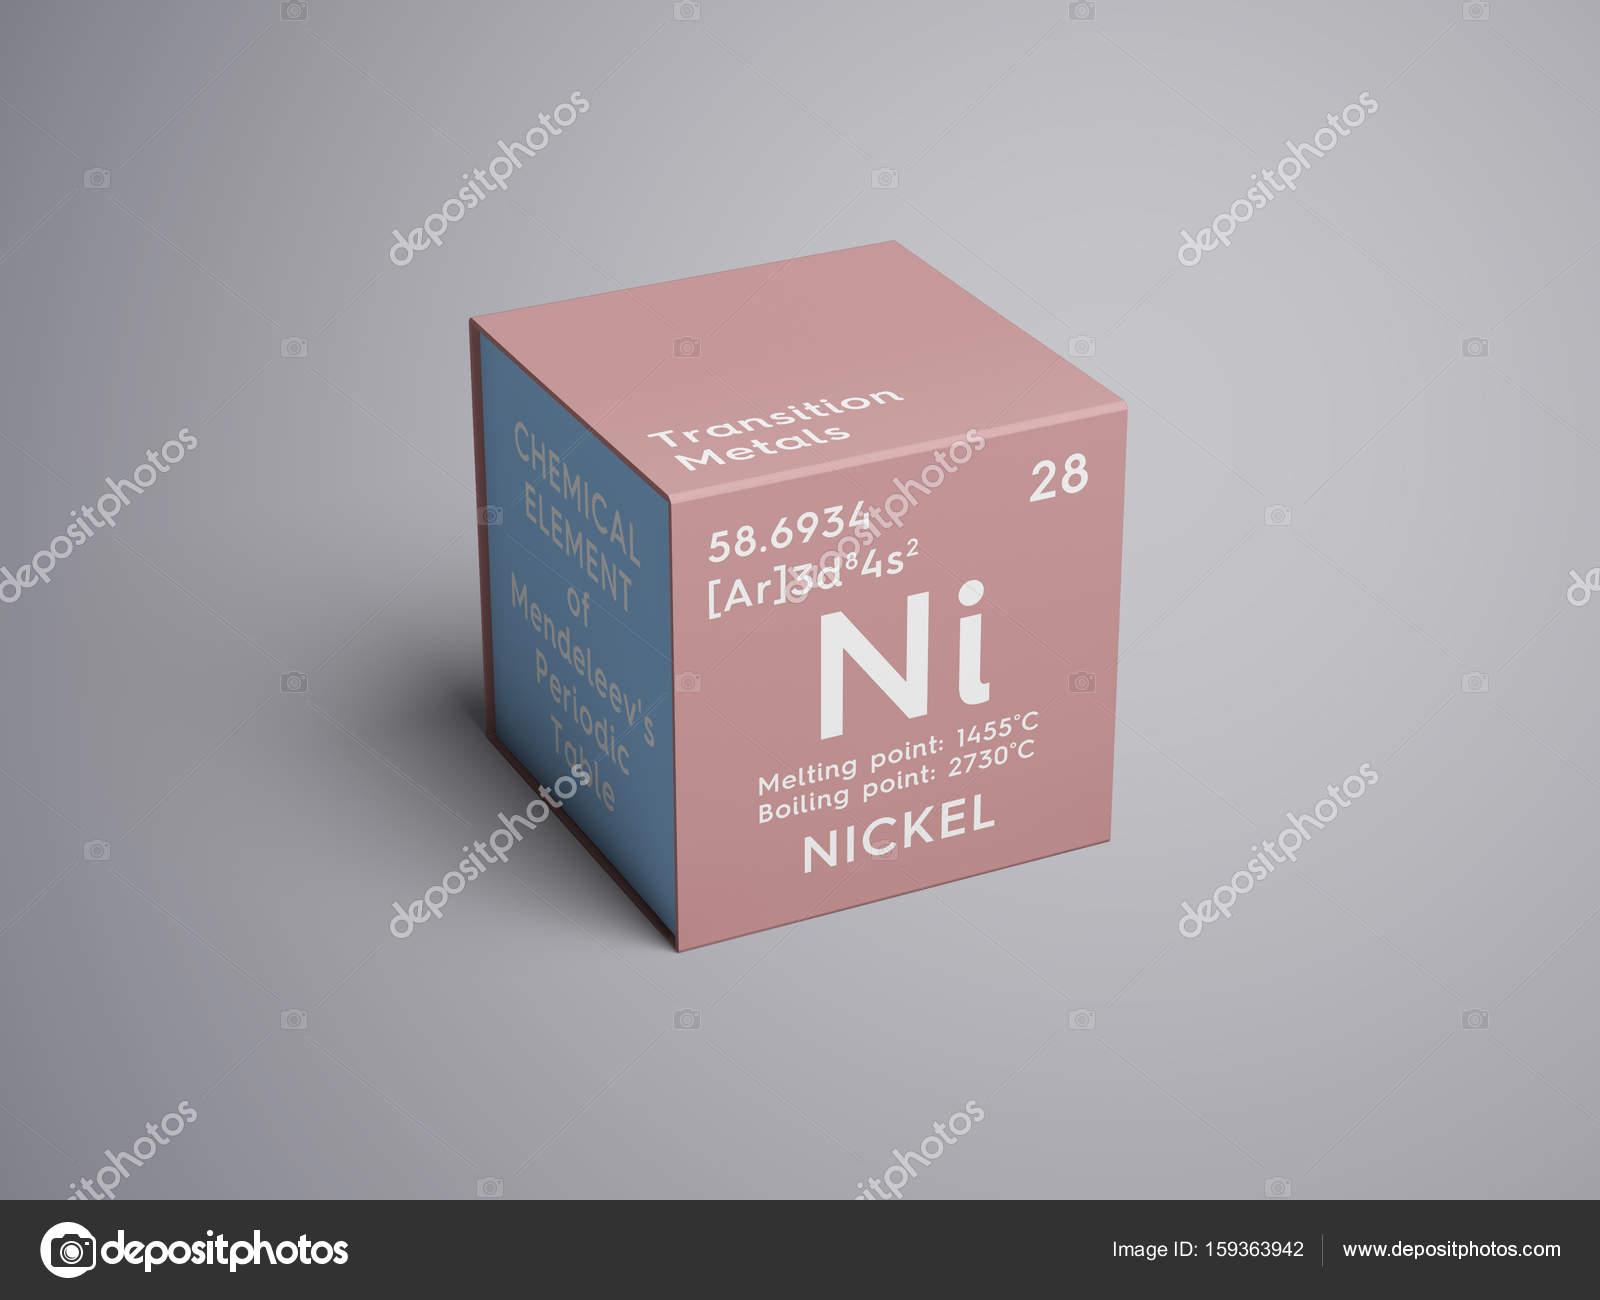 Nquel metales de transicin elemento qumico de la tabla de metales de transicin elemento qumico de la tabla de periodica de mendeleiev urtaz Choice Image